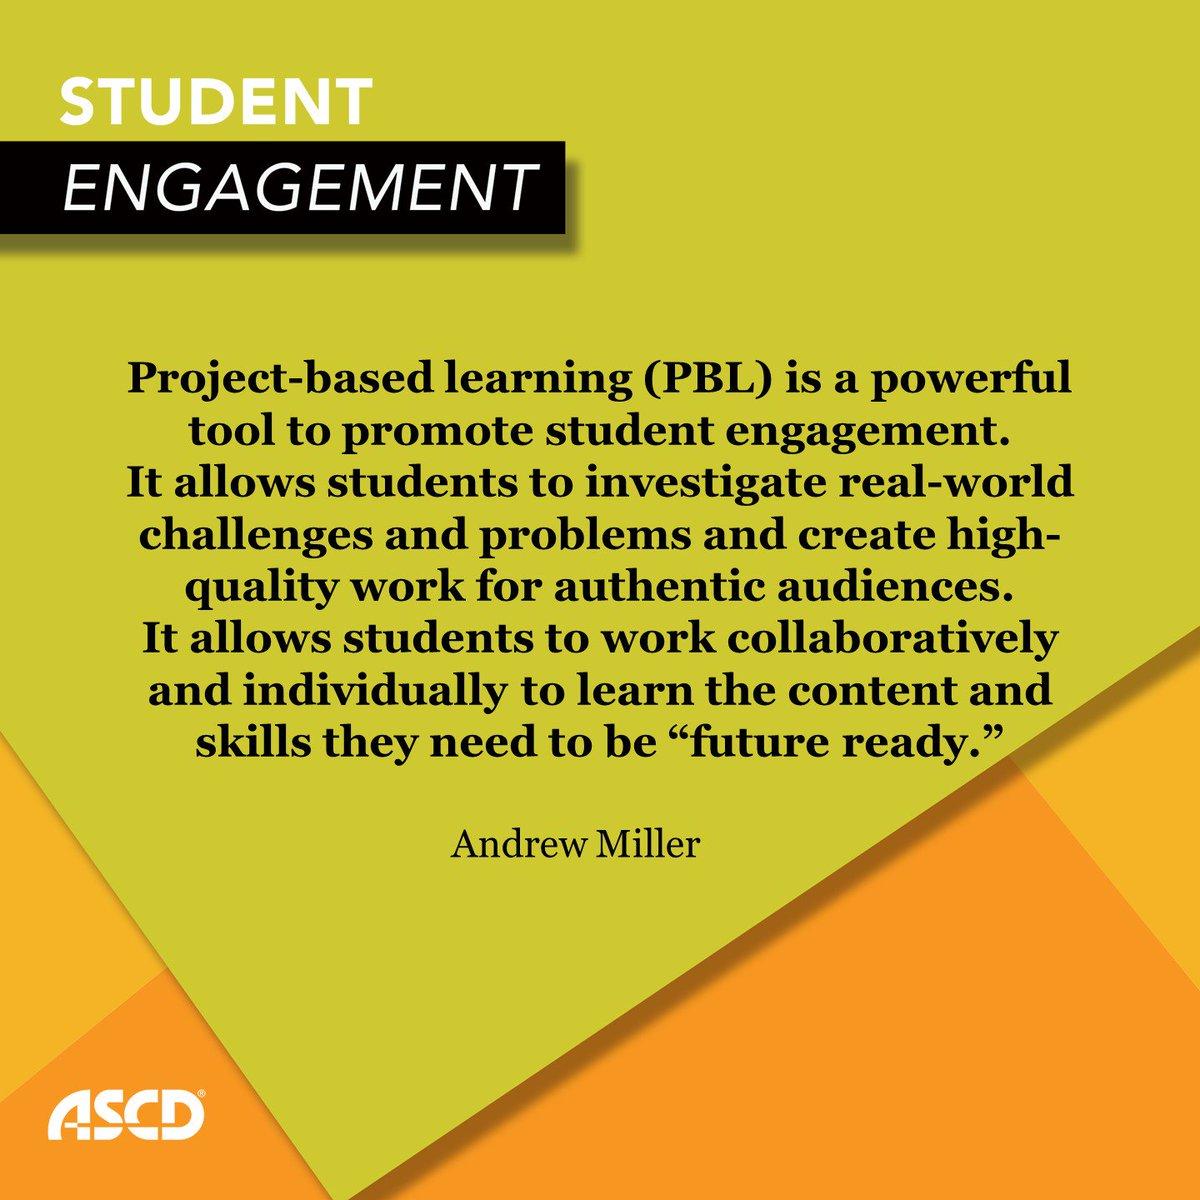 Three Tips for More Engaging #PBL Projects https://t.co/800P1TQxXL @ascd #pblchat @johnlBIE @BIEpbl @suzieboss https://t.co/RrcLBfQBID